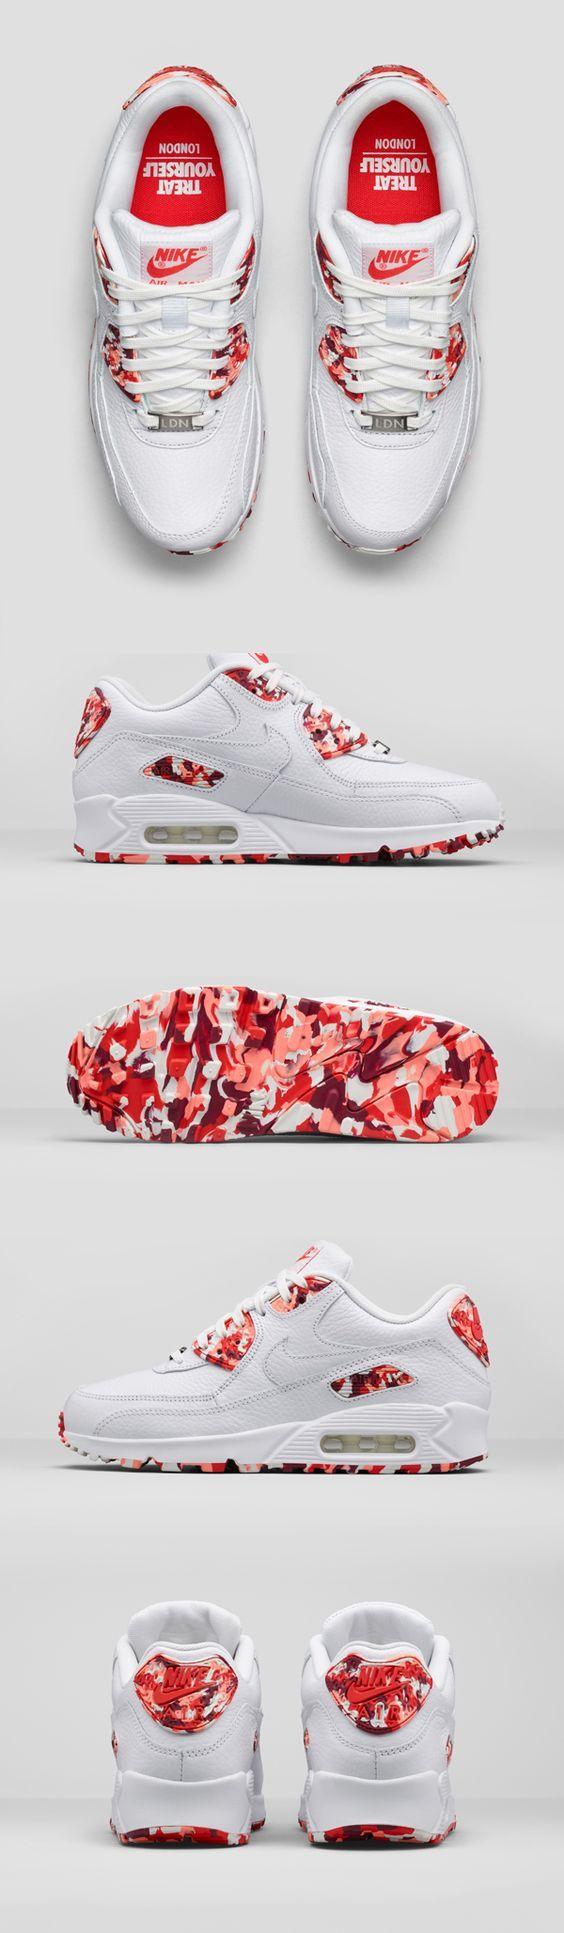 Adidas Shoe Puns